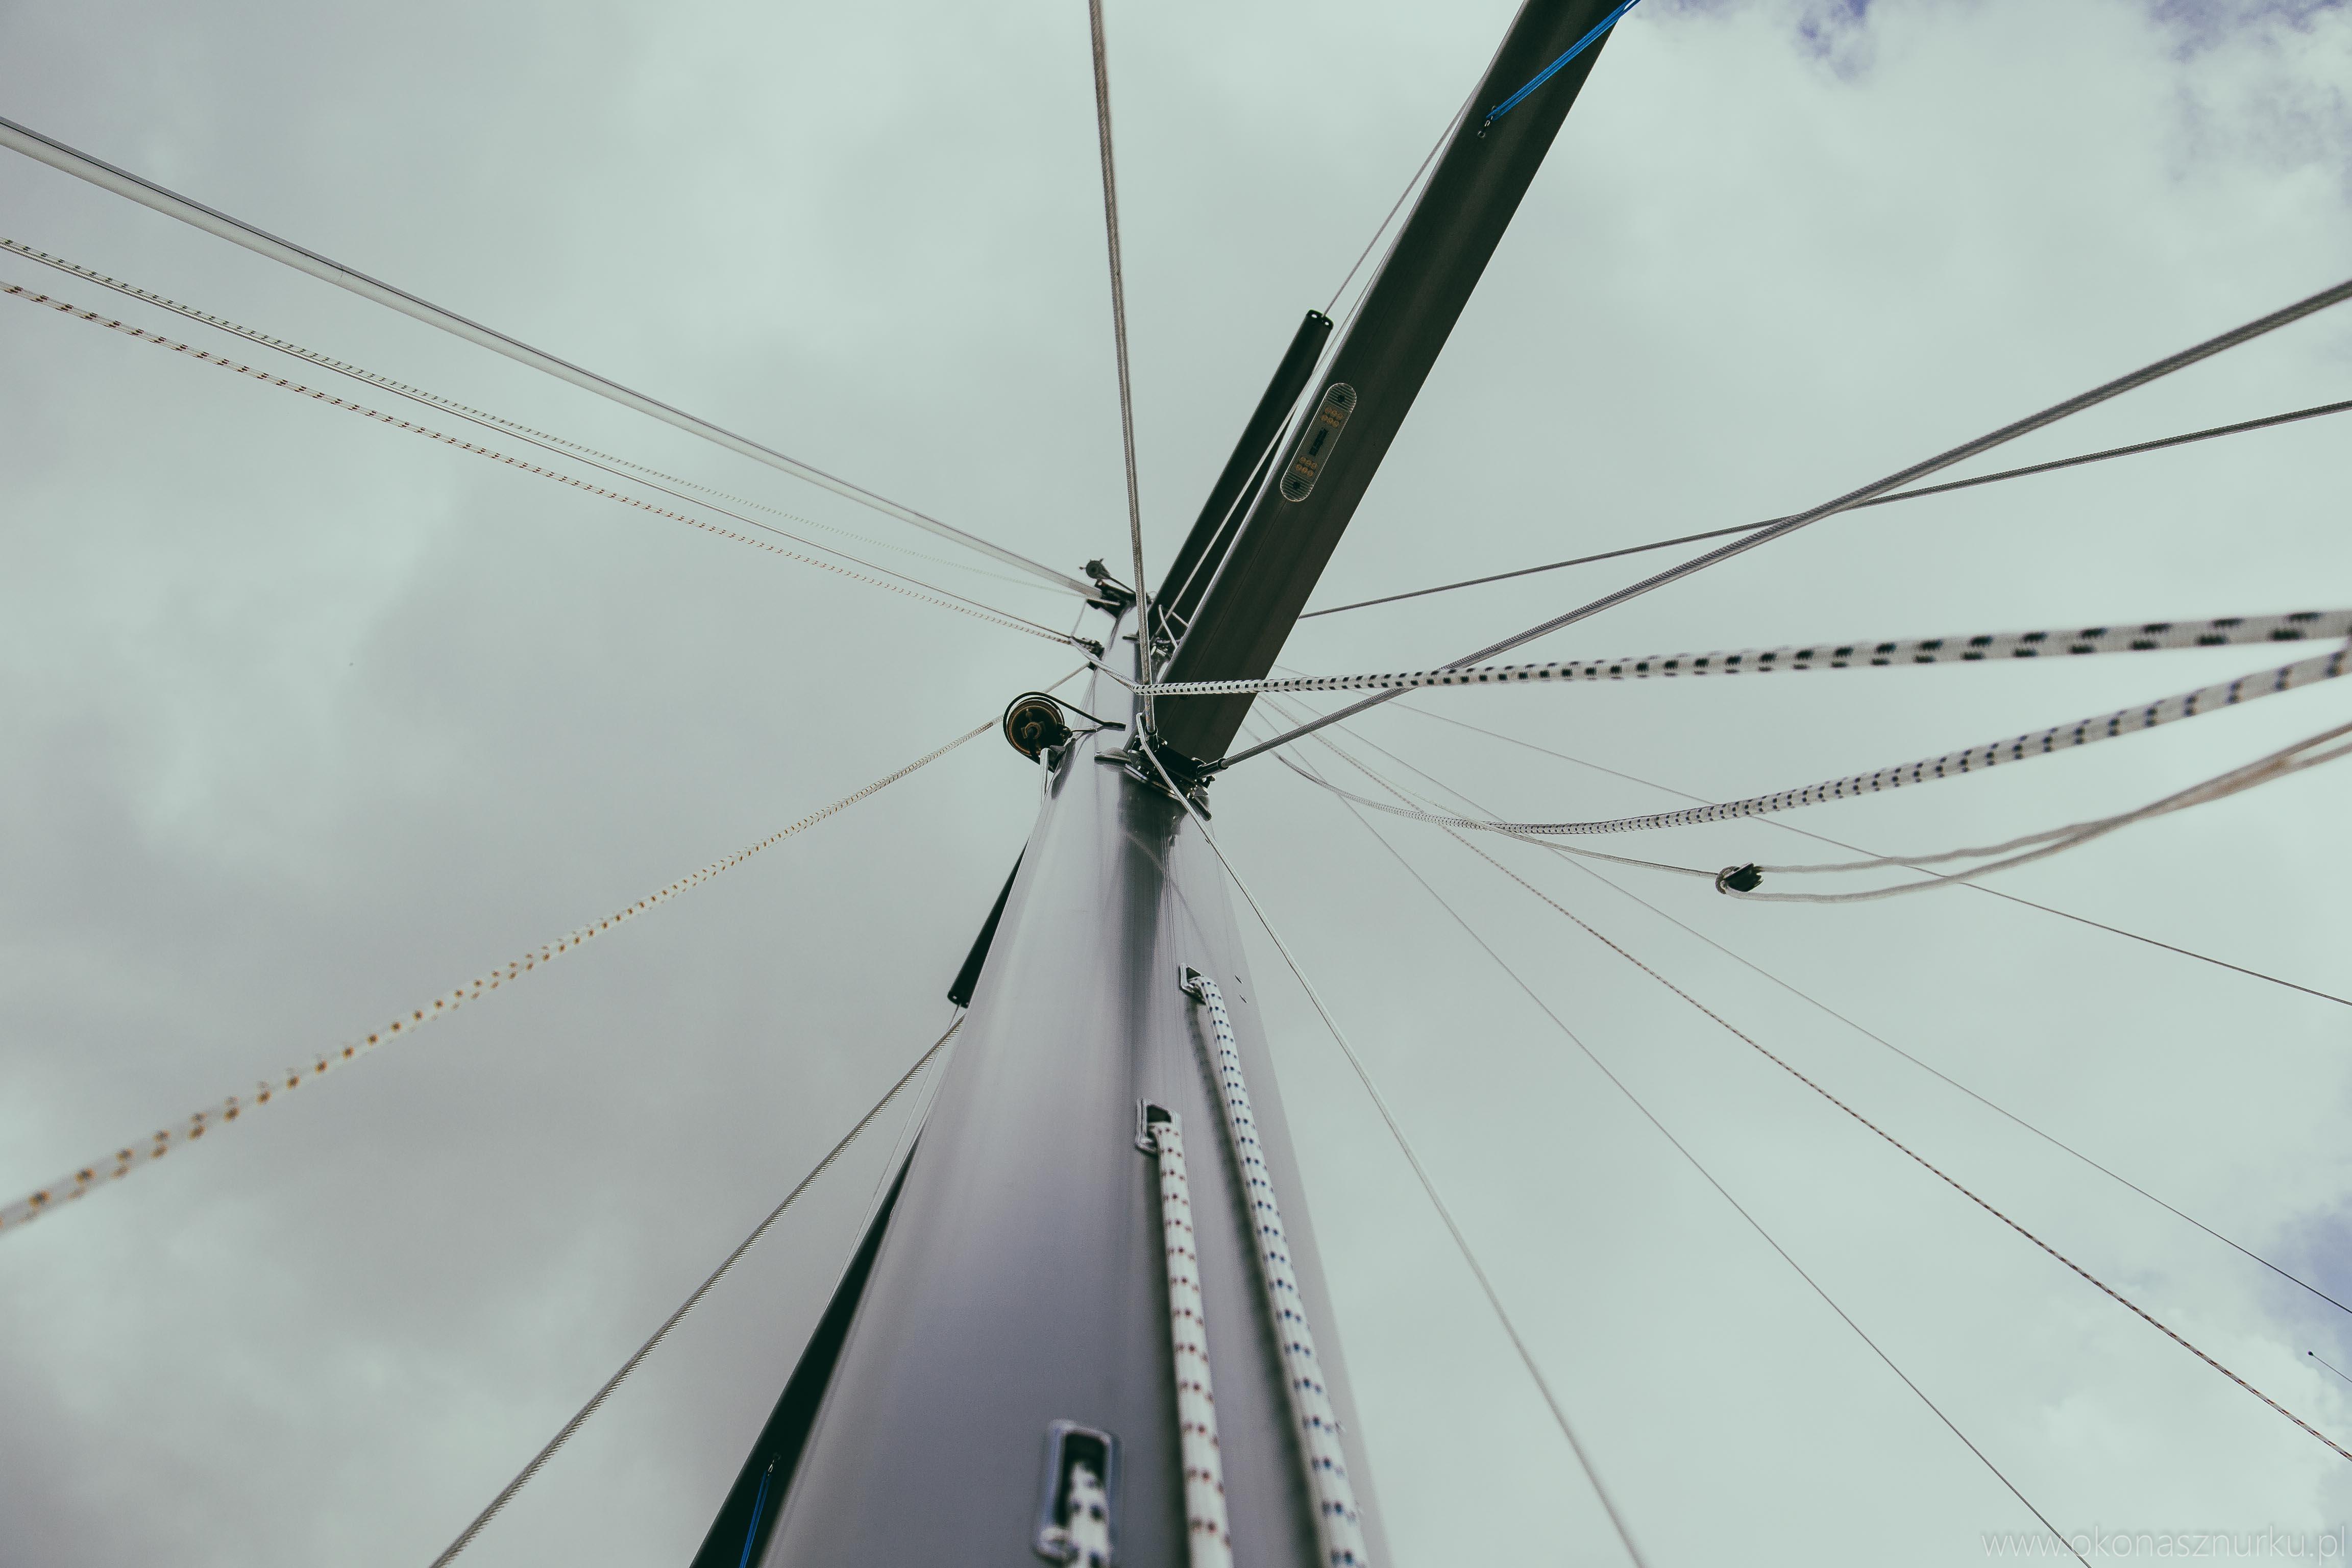 marina-jacht-wyprawy-morskie-silesia-szczecin-goclaw-lubczyna (44)